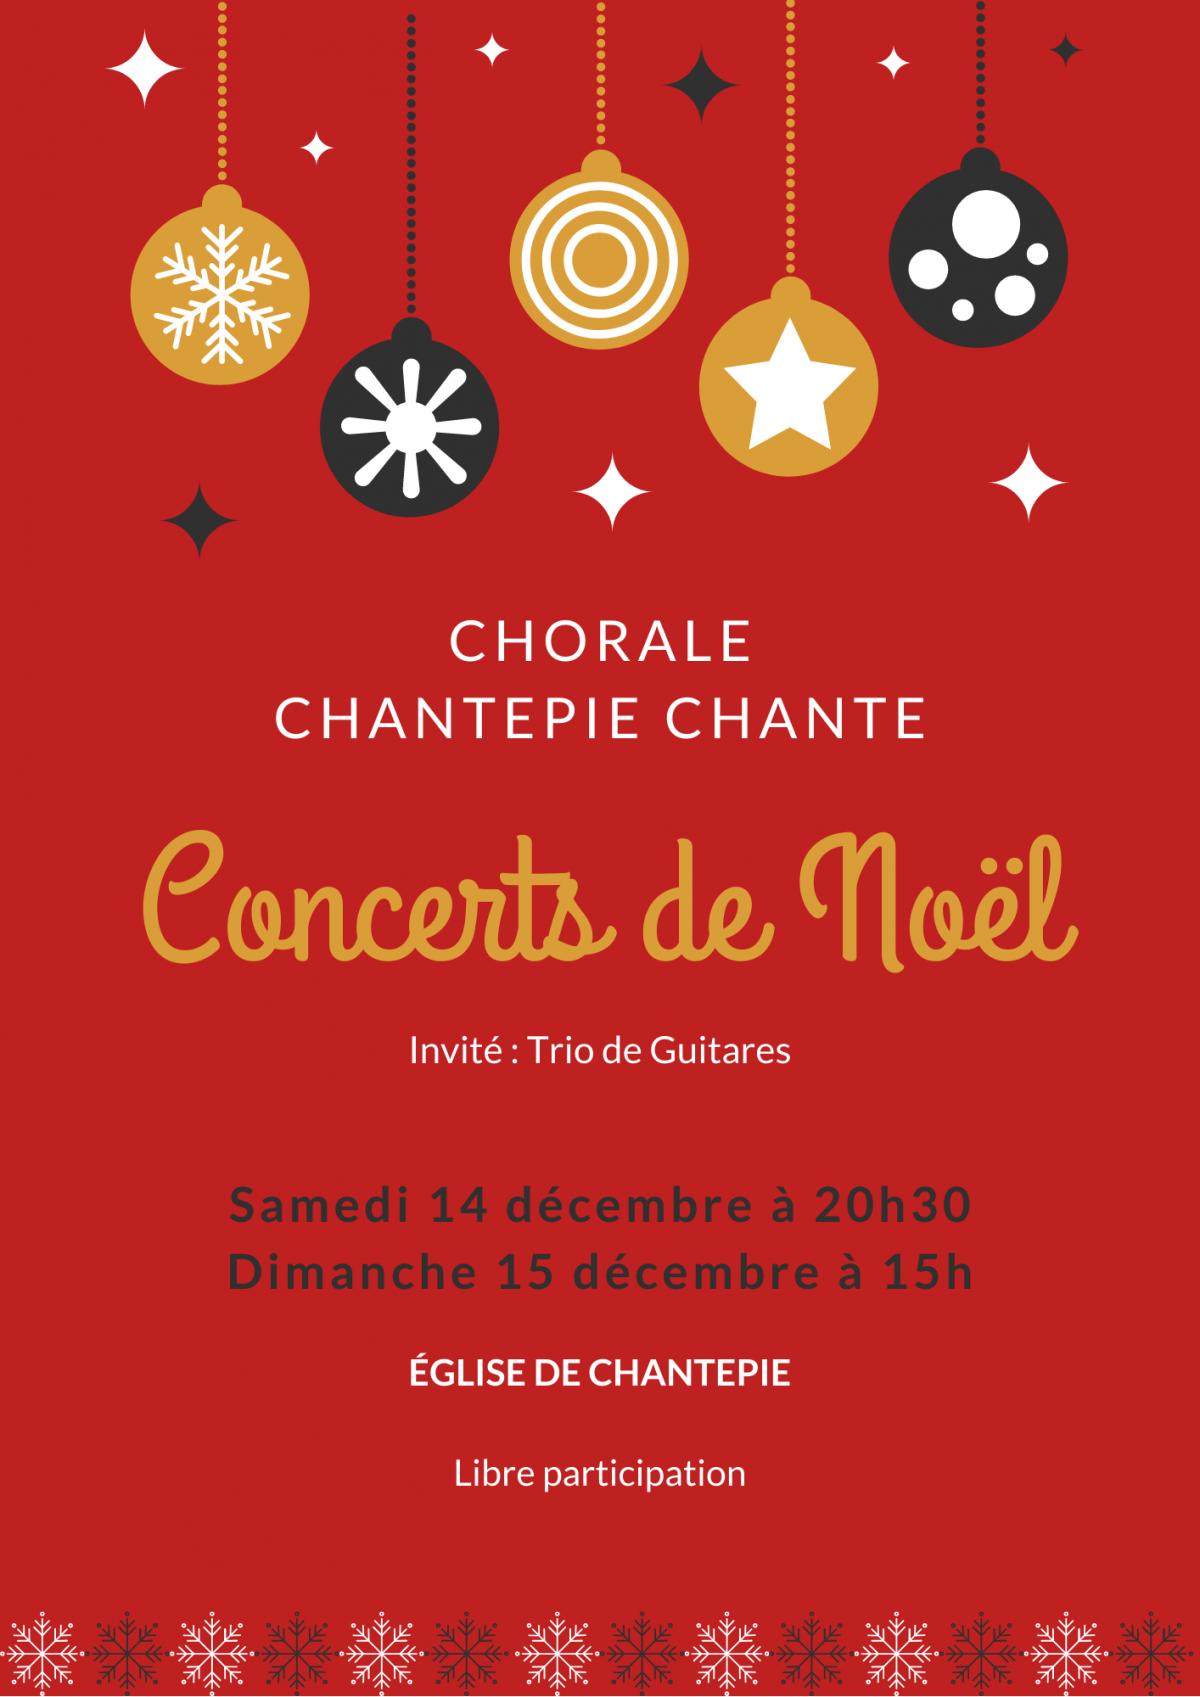 Concerts de Noël 2019